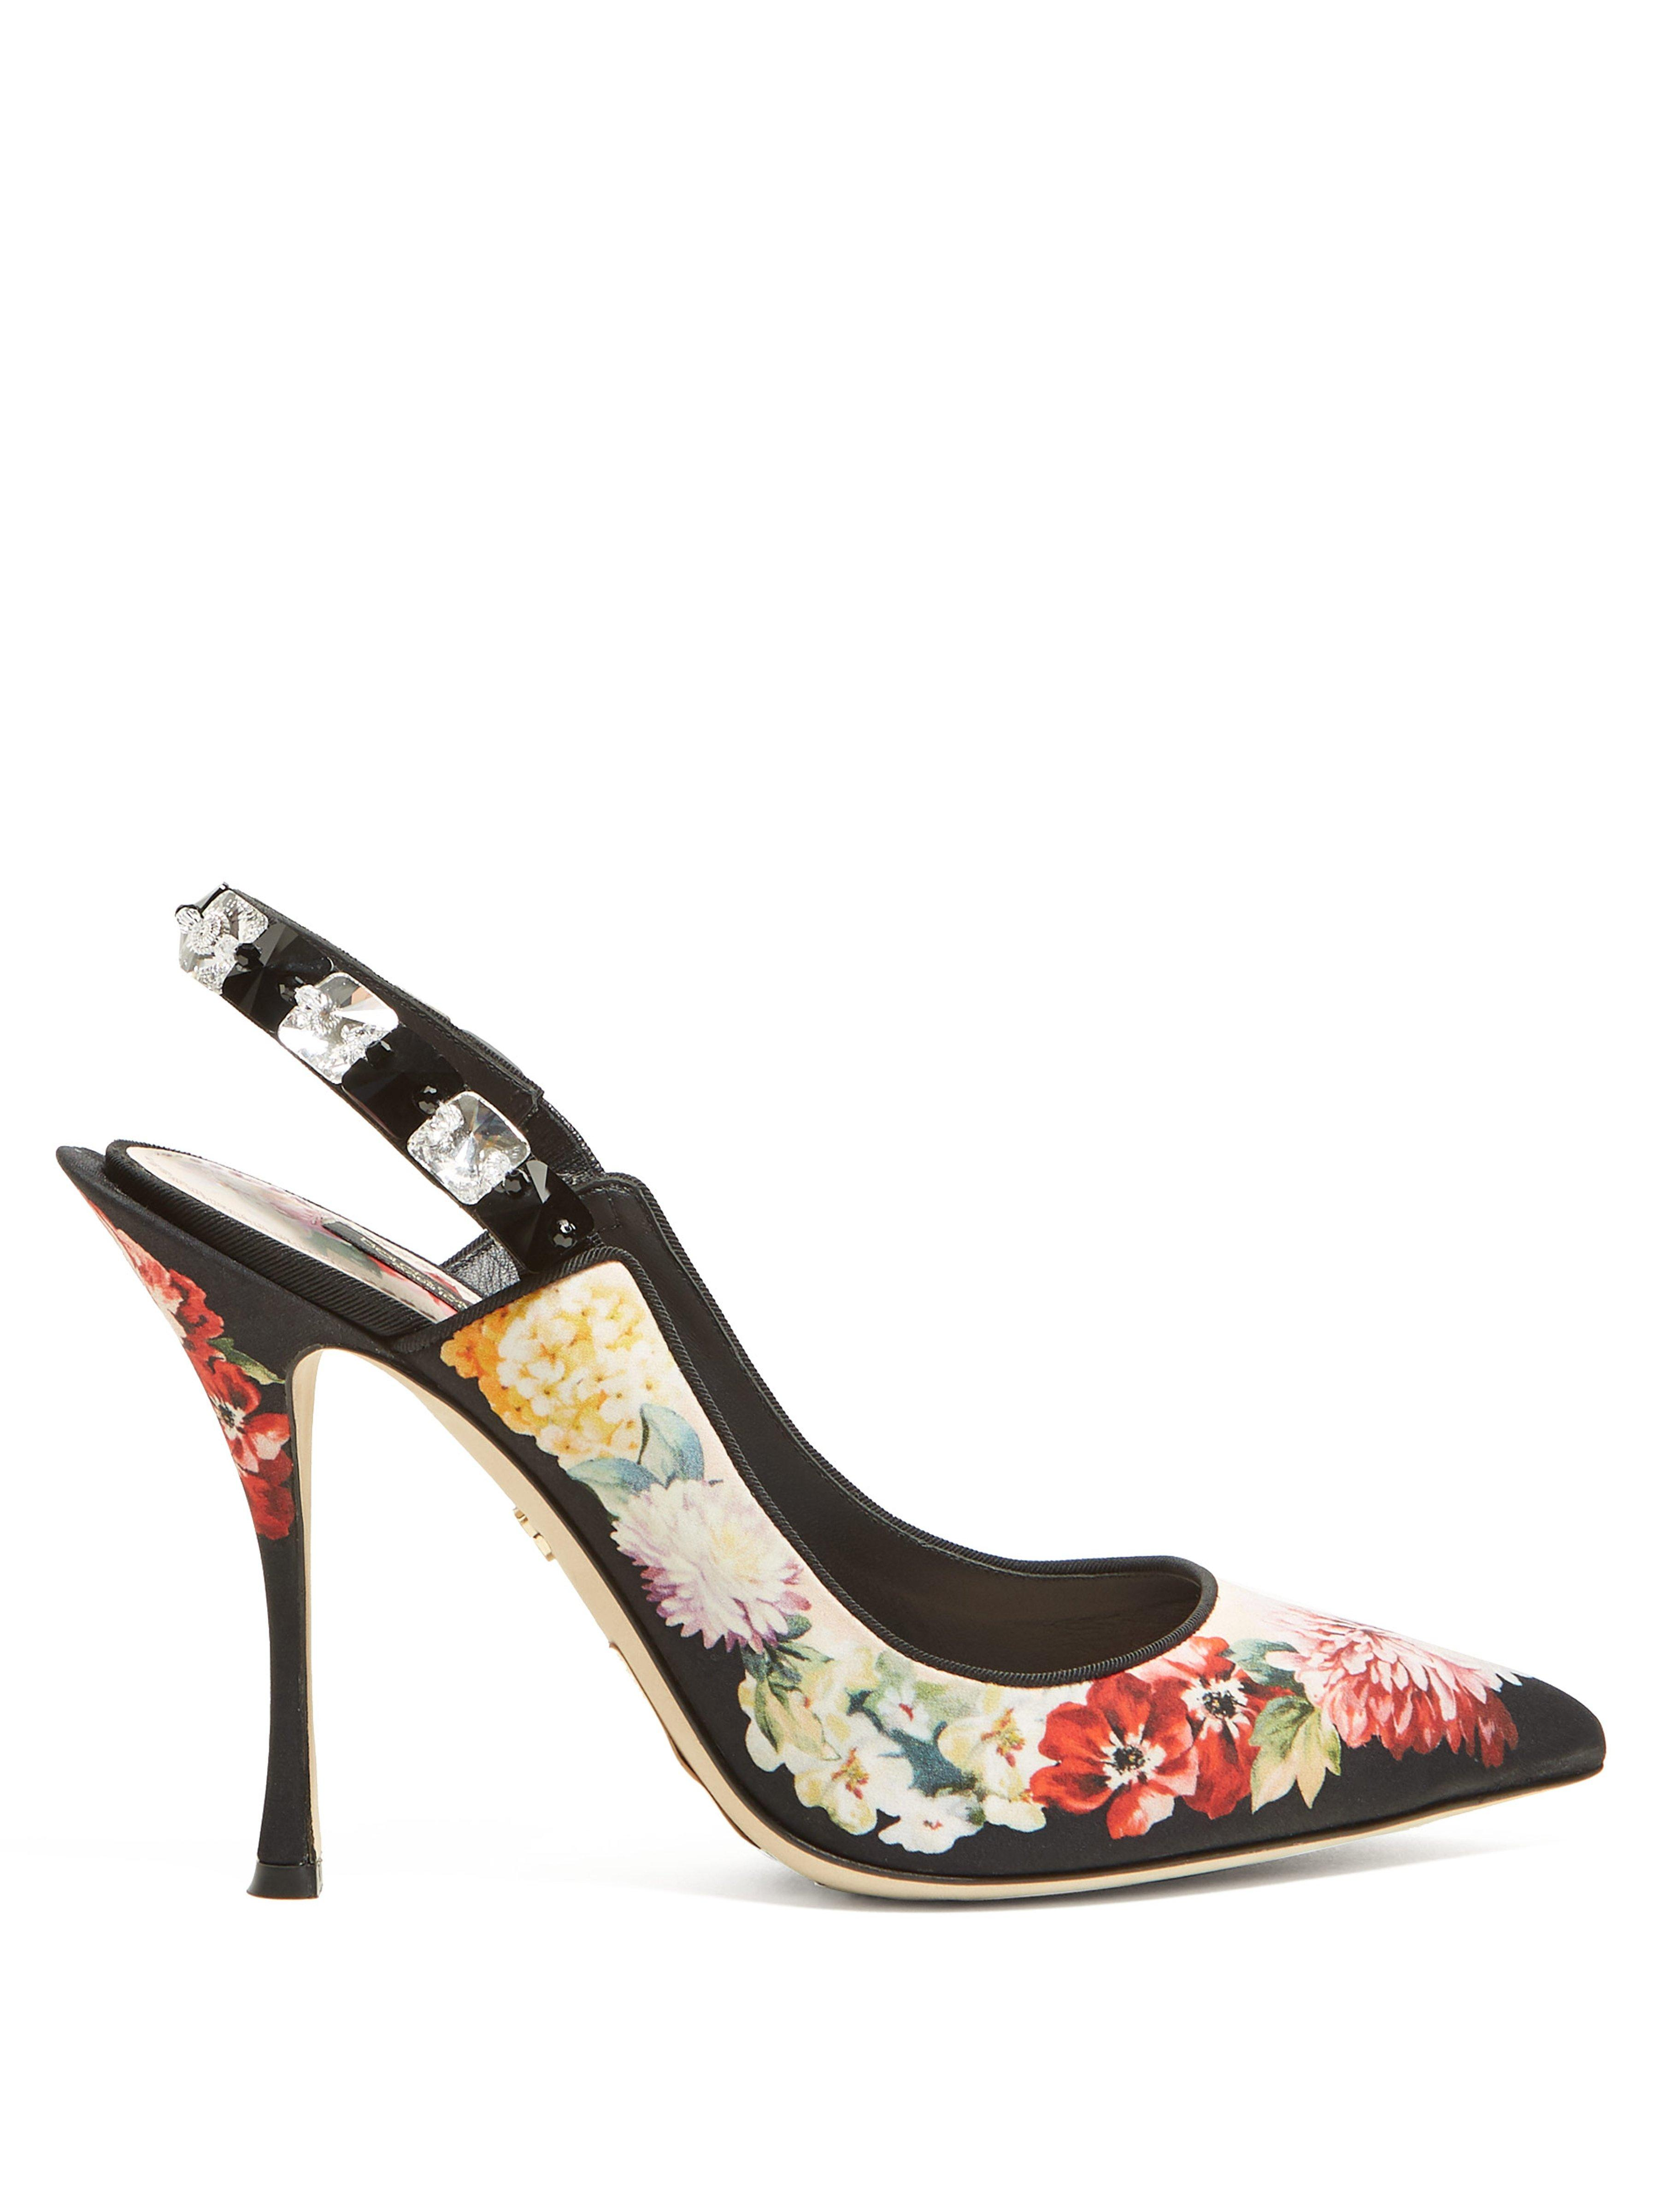 93ef55728f80 Dolce   Gabbana. Women s Black Floral Print Crystal Embellished Court Shoes